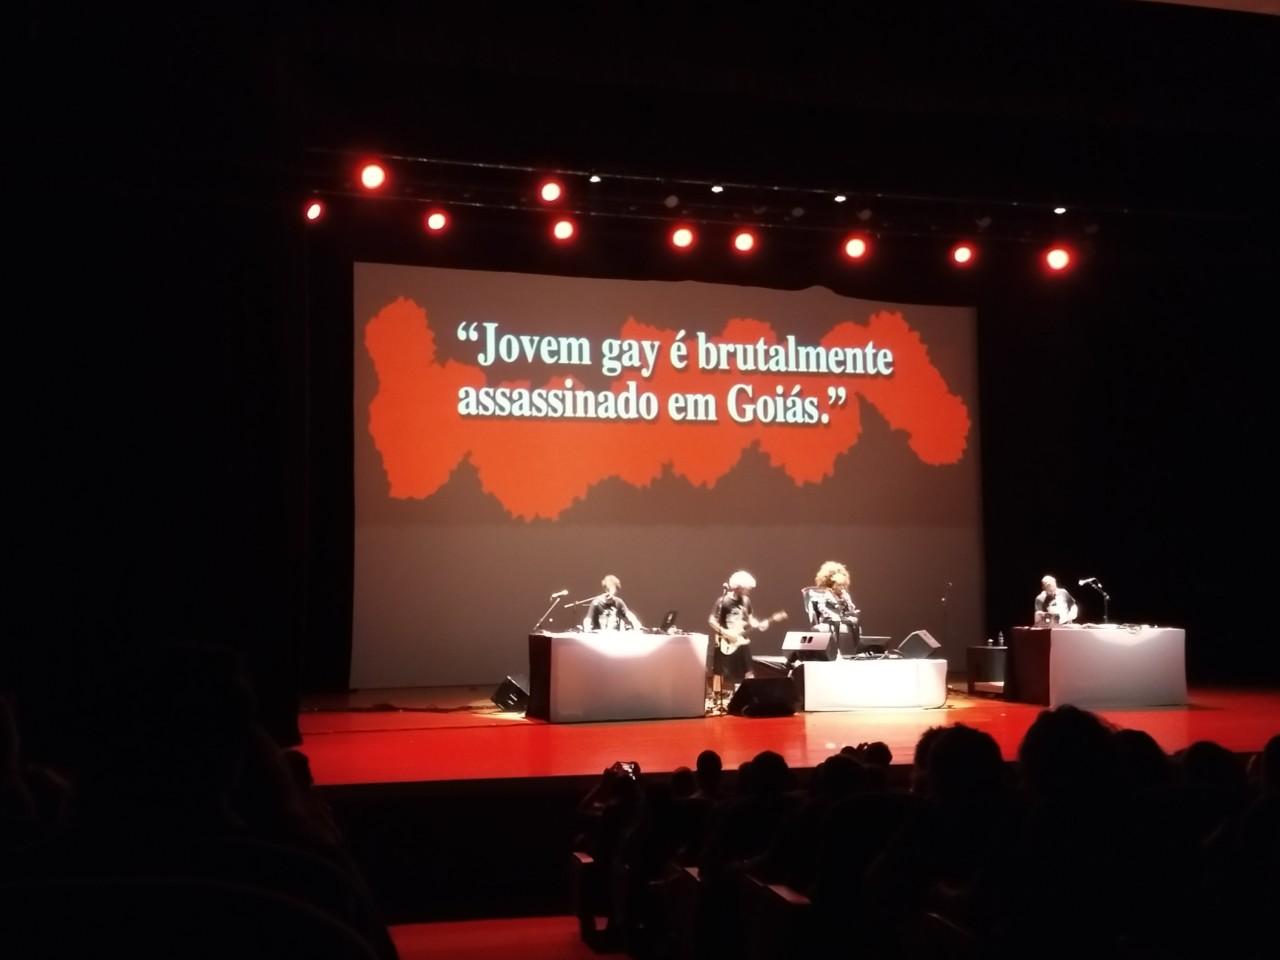 IMG 20180512 222639090 LL - ELZA SOARES: 'A Voz e a Máquina' contra a homofobia e os crimes de ódio